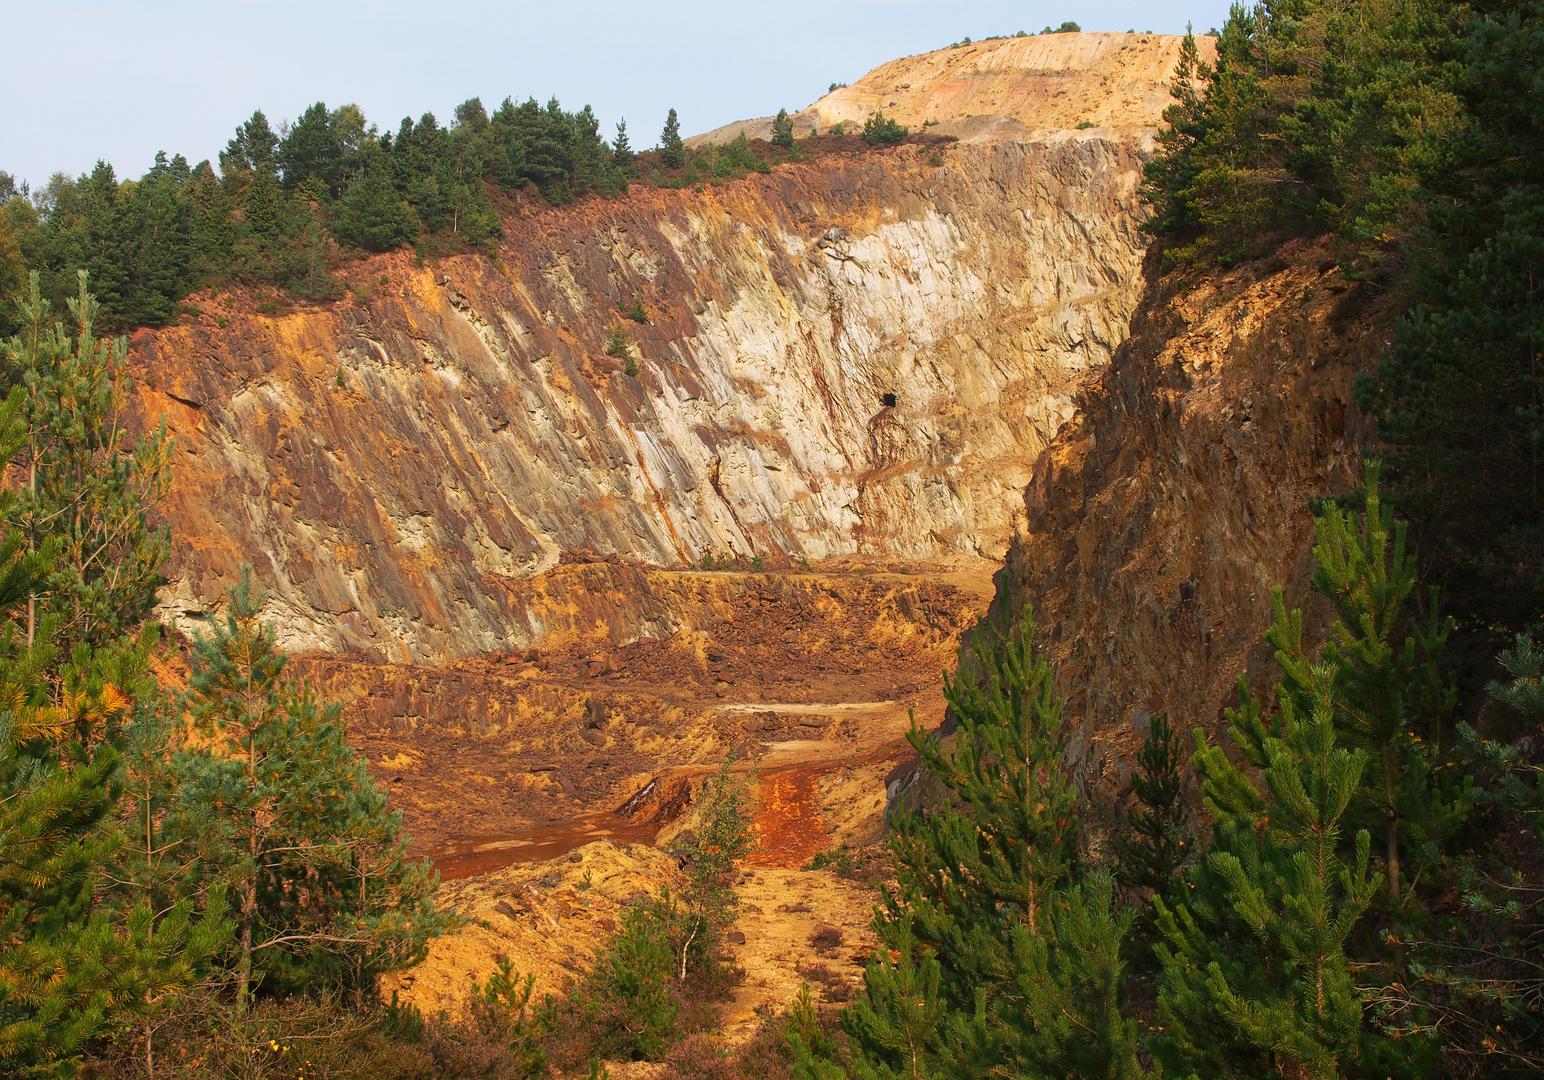 Avoca Mines open pit